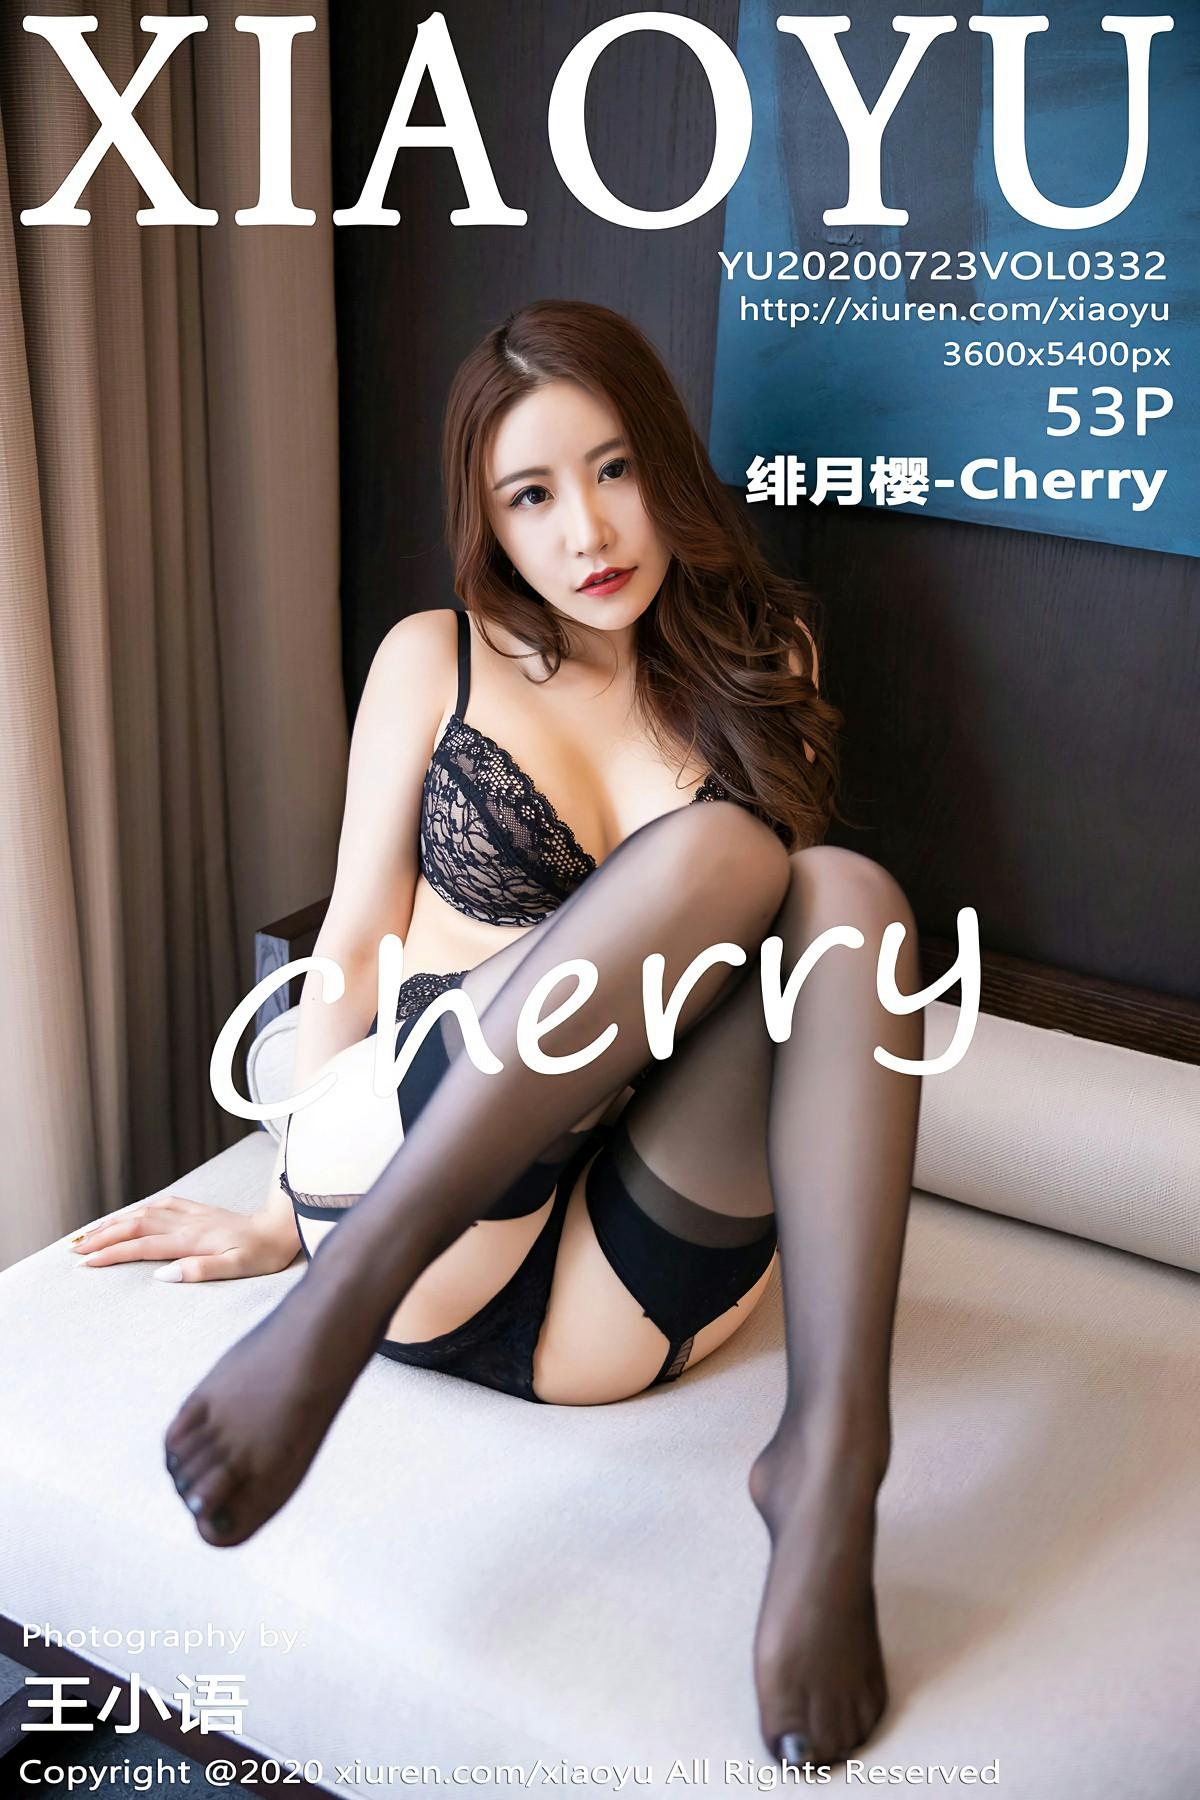 [XIAOYU语画界] 2020.07.23 VOL.332 绯月樱-Cherry 第1张